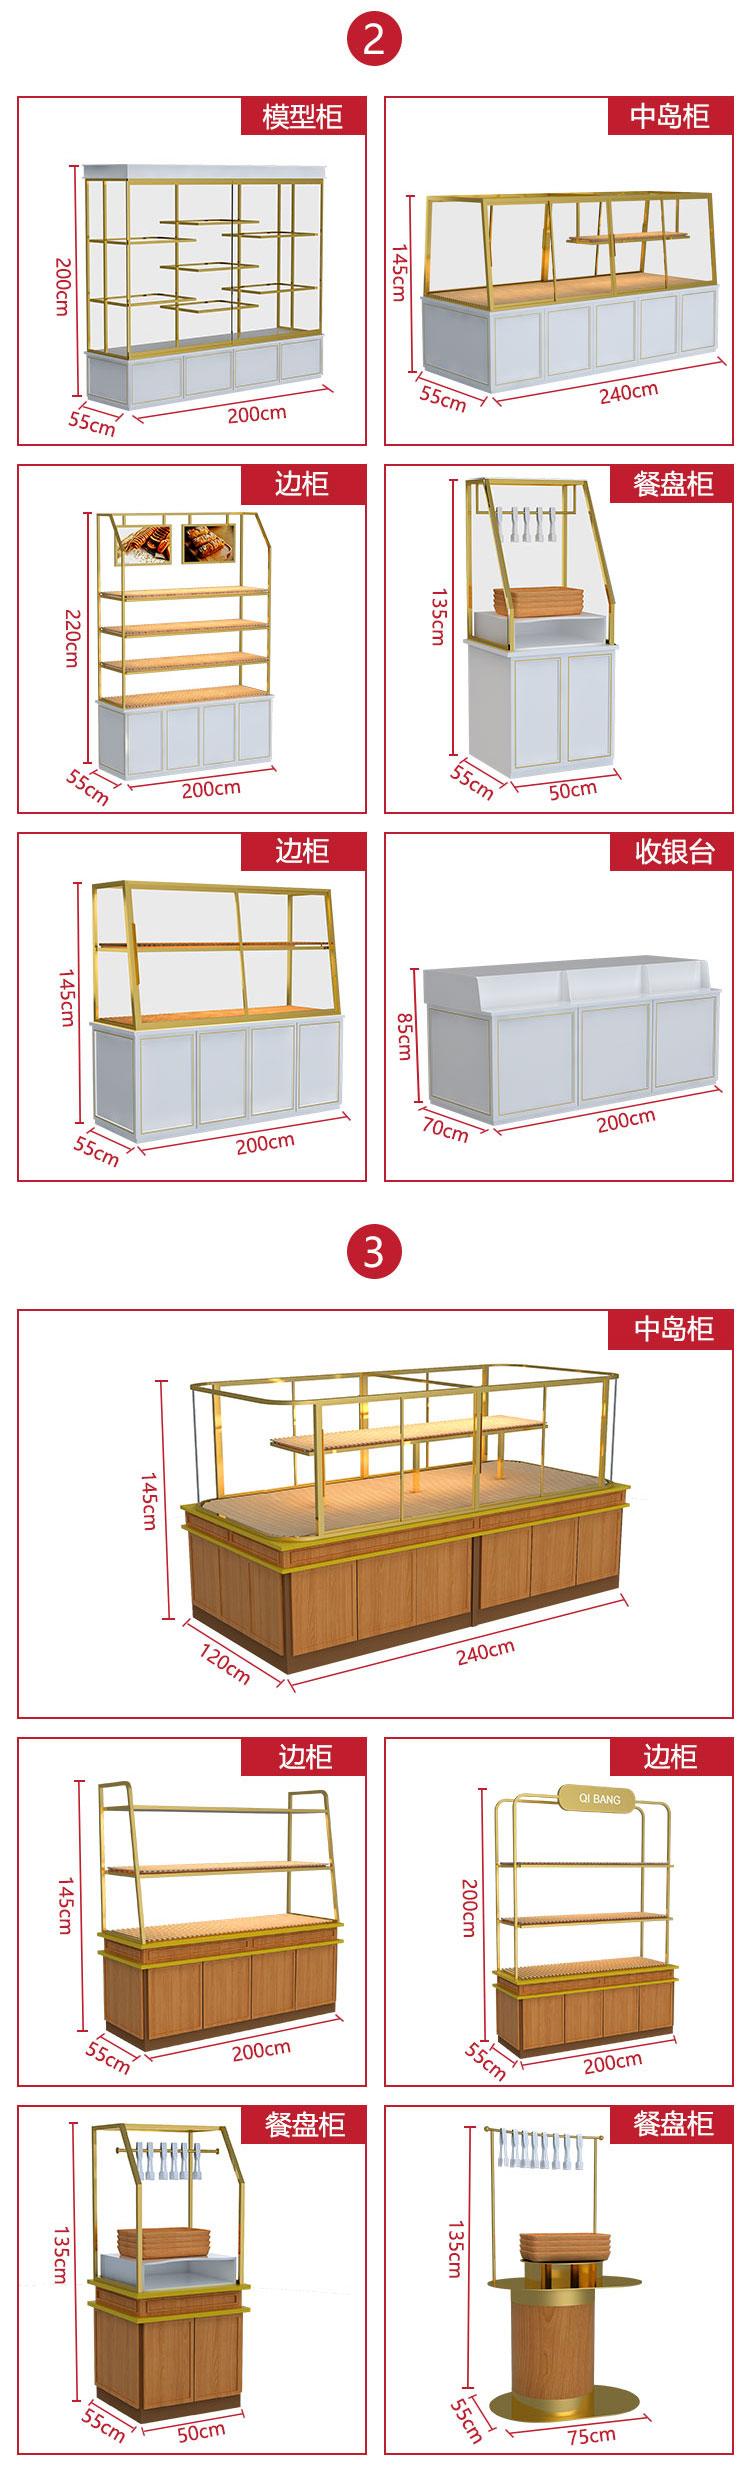 麵包展示中岛柜边柜西点蛋糕店柜臺模型柜子实木玻璃多层商用详细照片